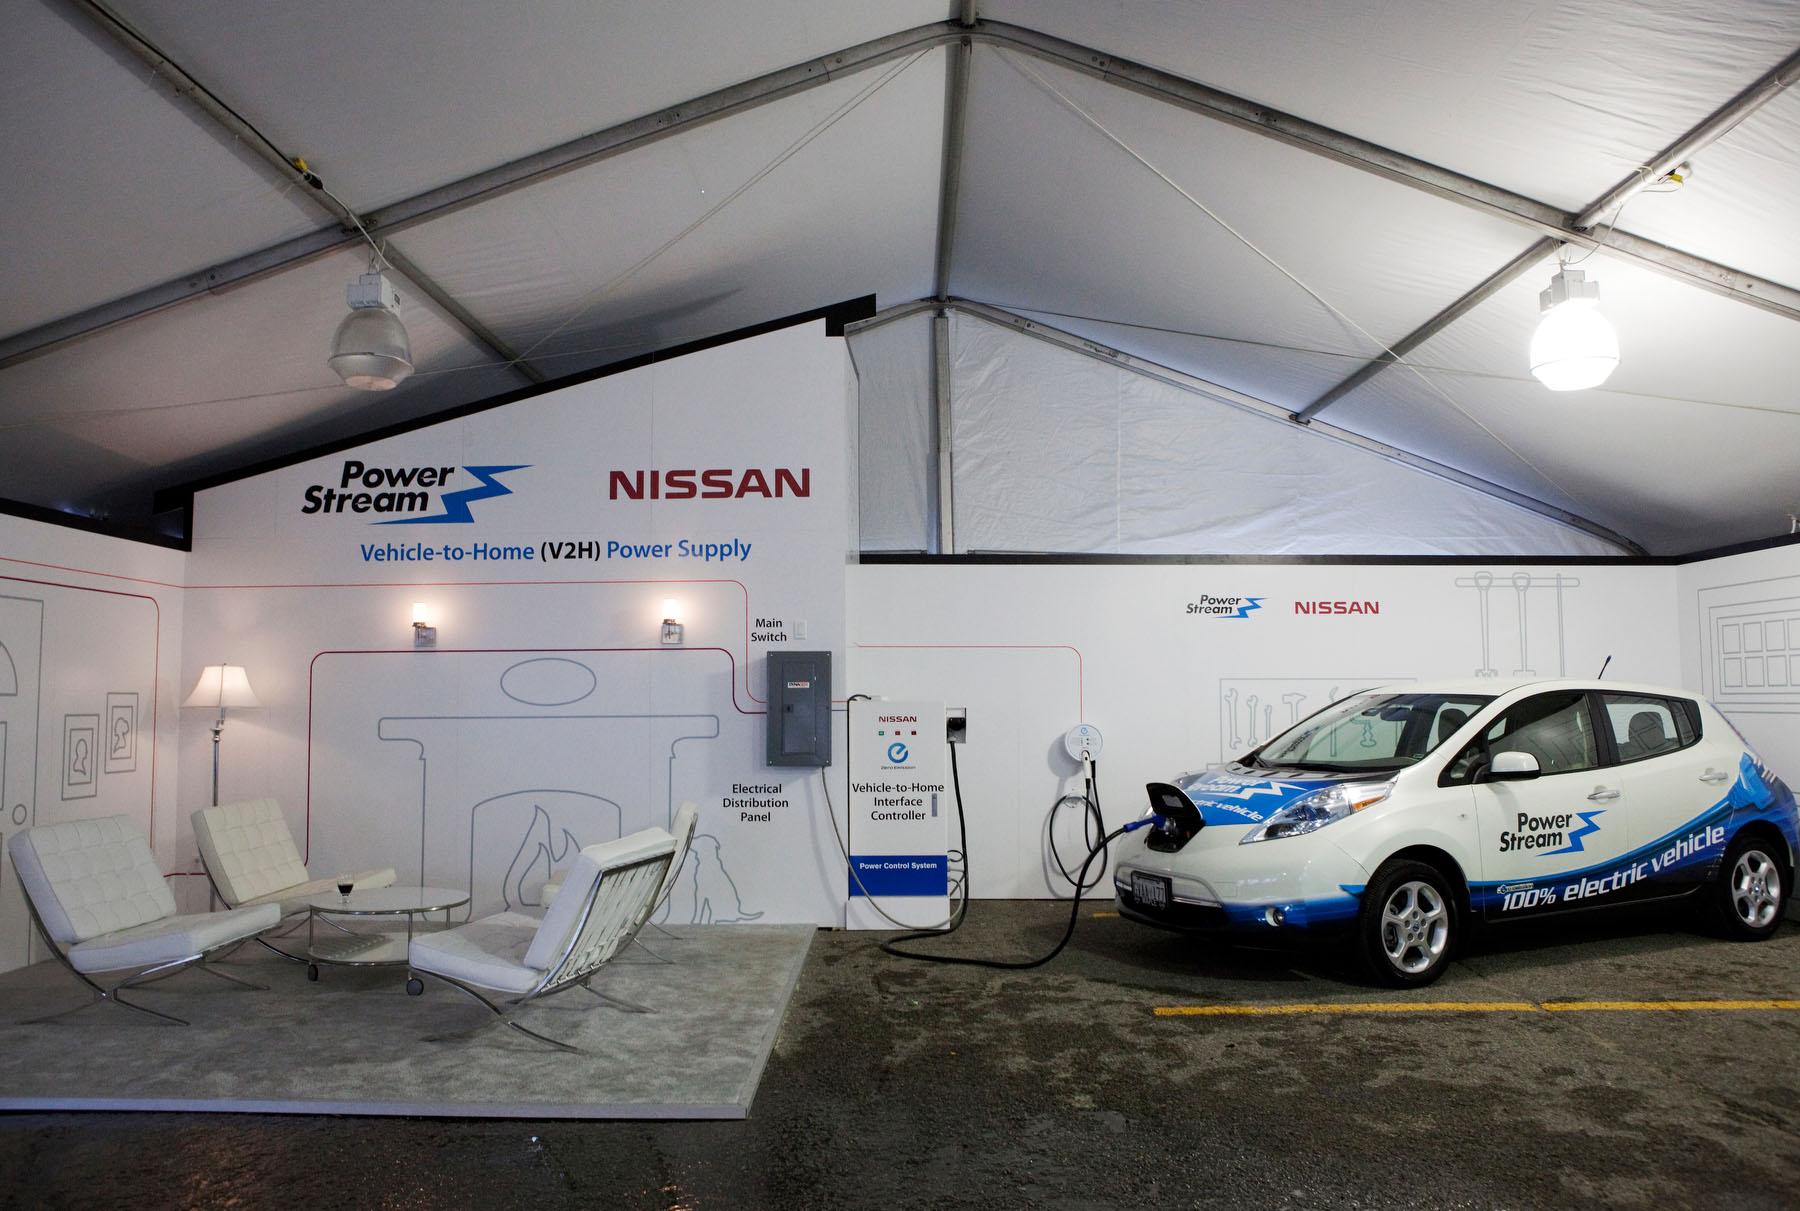 Nissan Leaf V2h Technology